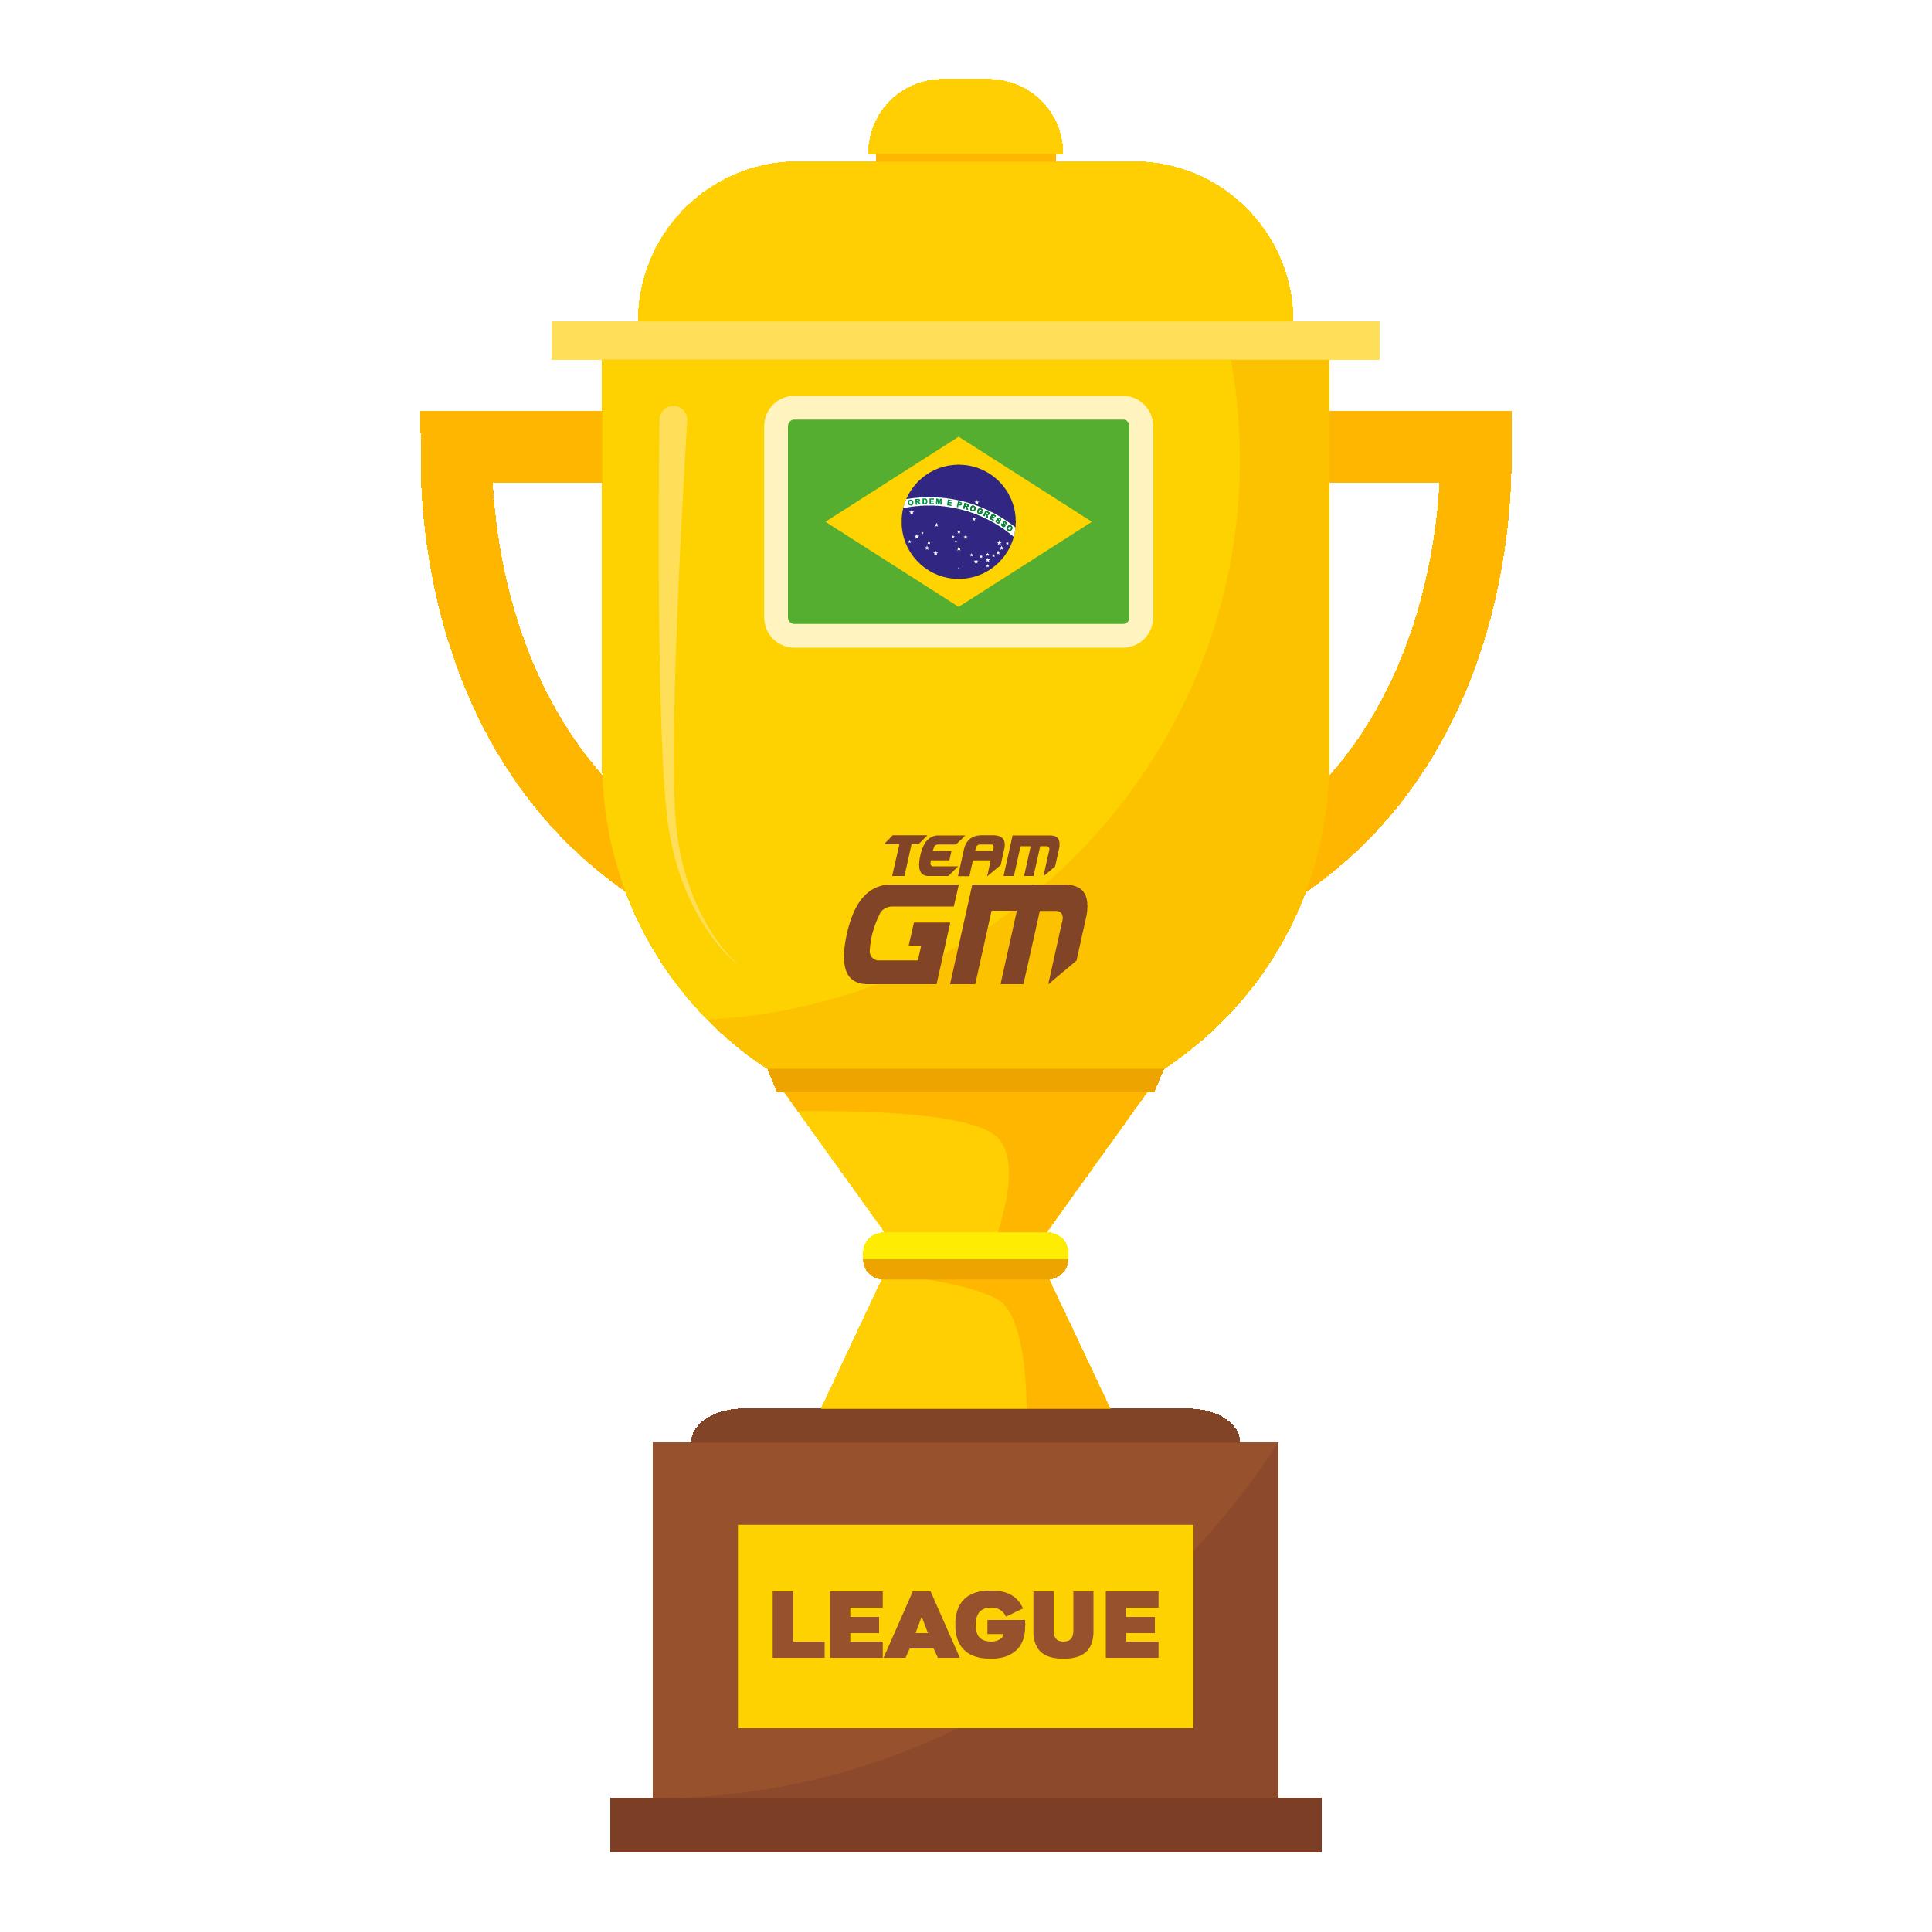 9TH - BRAZILIAN SUPERLEAGUE